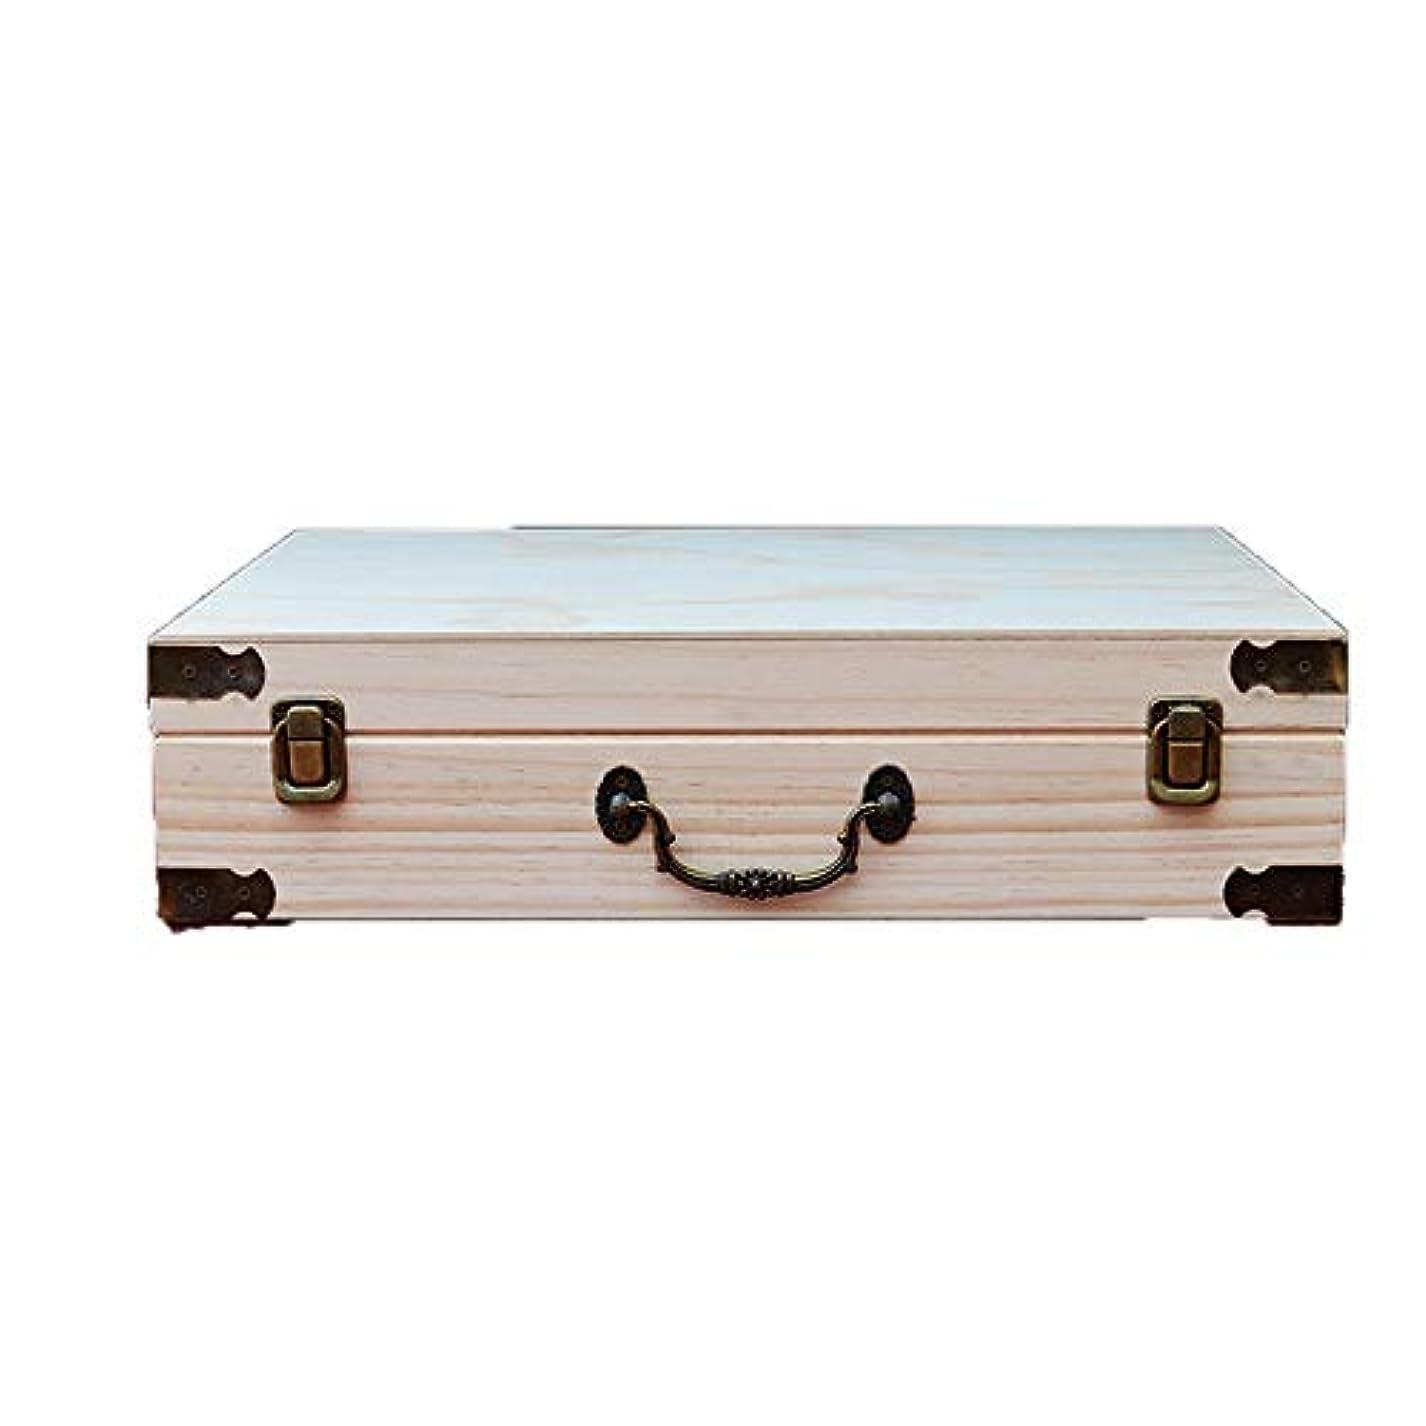 判決ラバ捕虜アロマセラピー収納ボックス エッセンシャルオイルの60本のボトルを格納するストレージ木製のボックスには、油のセキュリティを維持するのが最善です エッセンシャルオイル収納ボックス (色 : Natural, サイズ : 41X32.5X10.5CM)